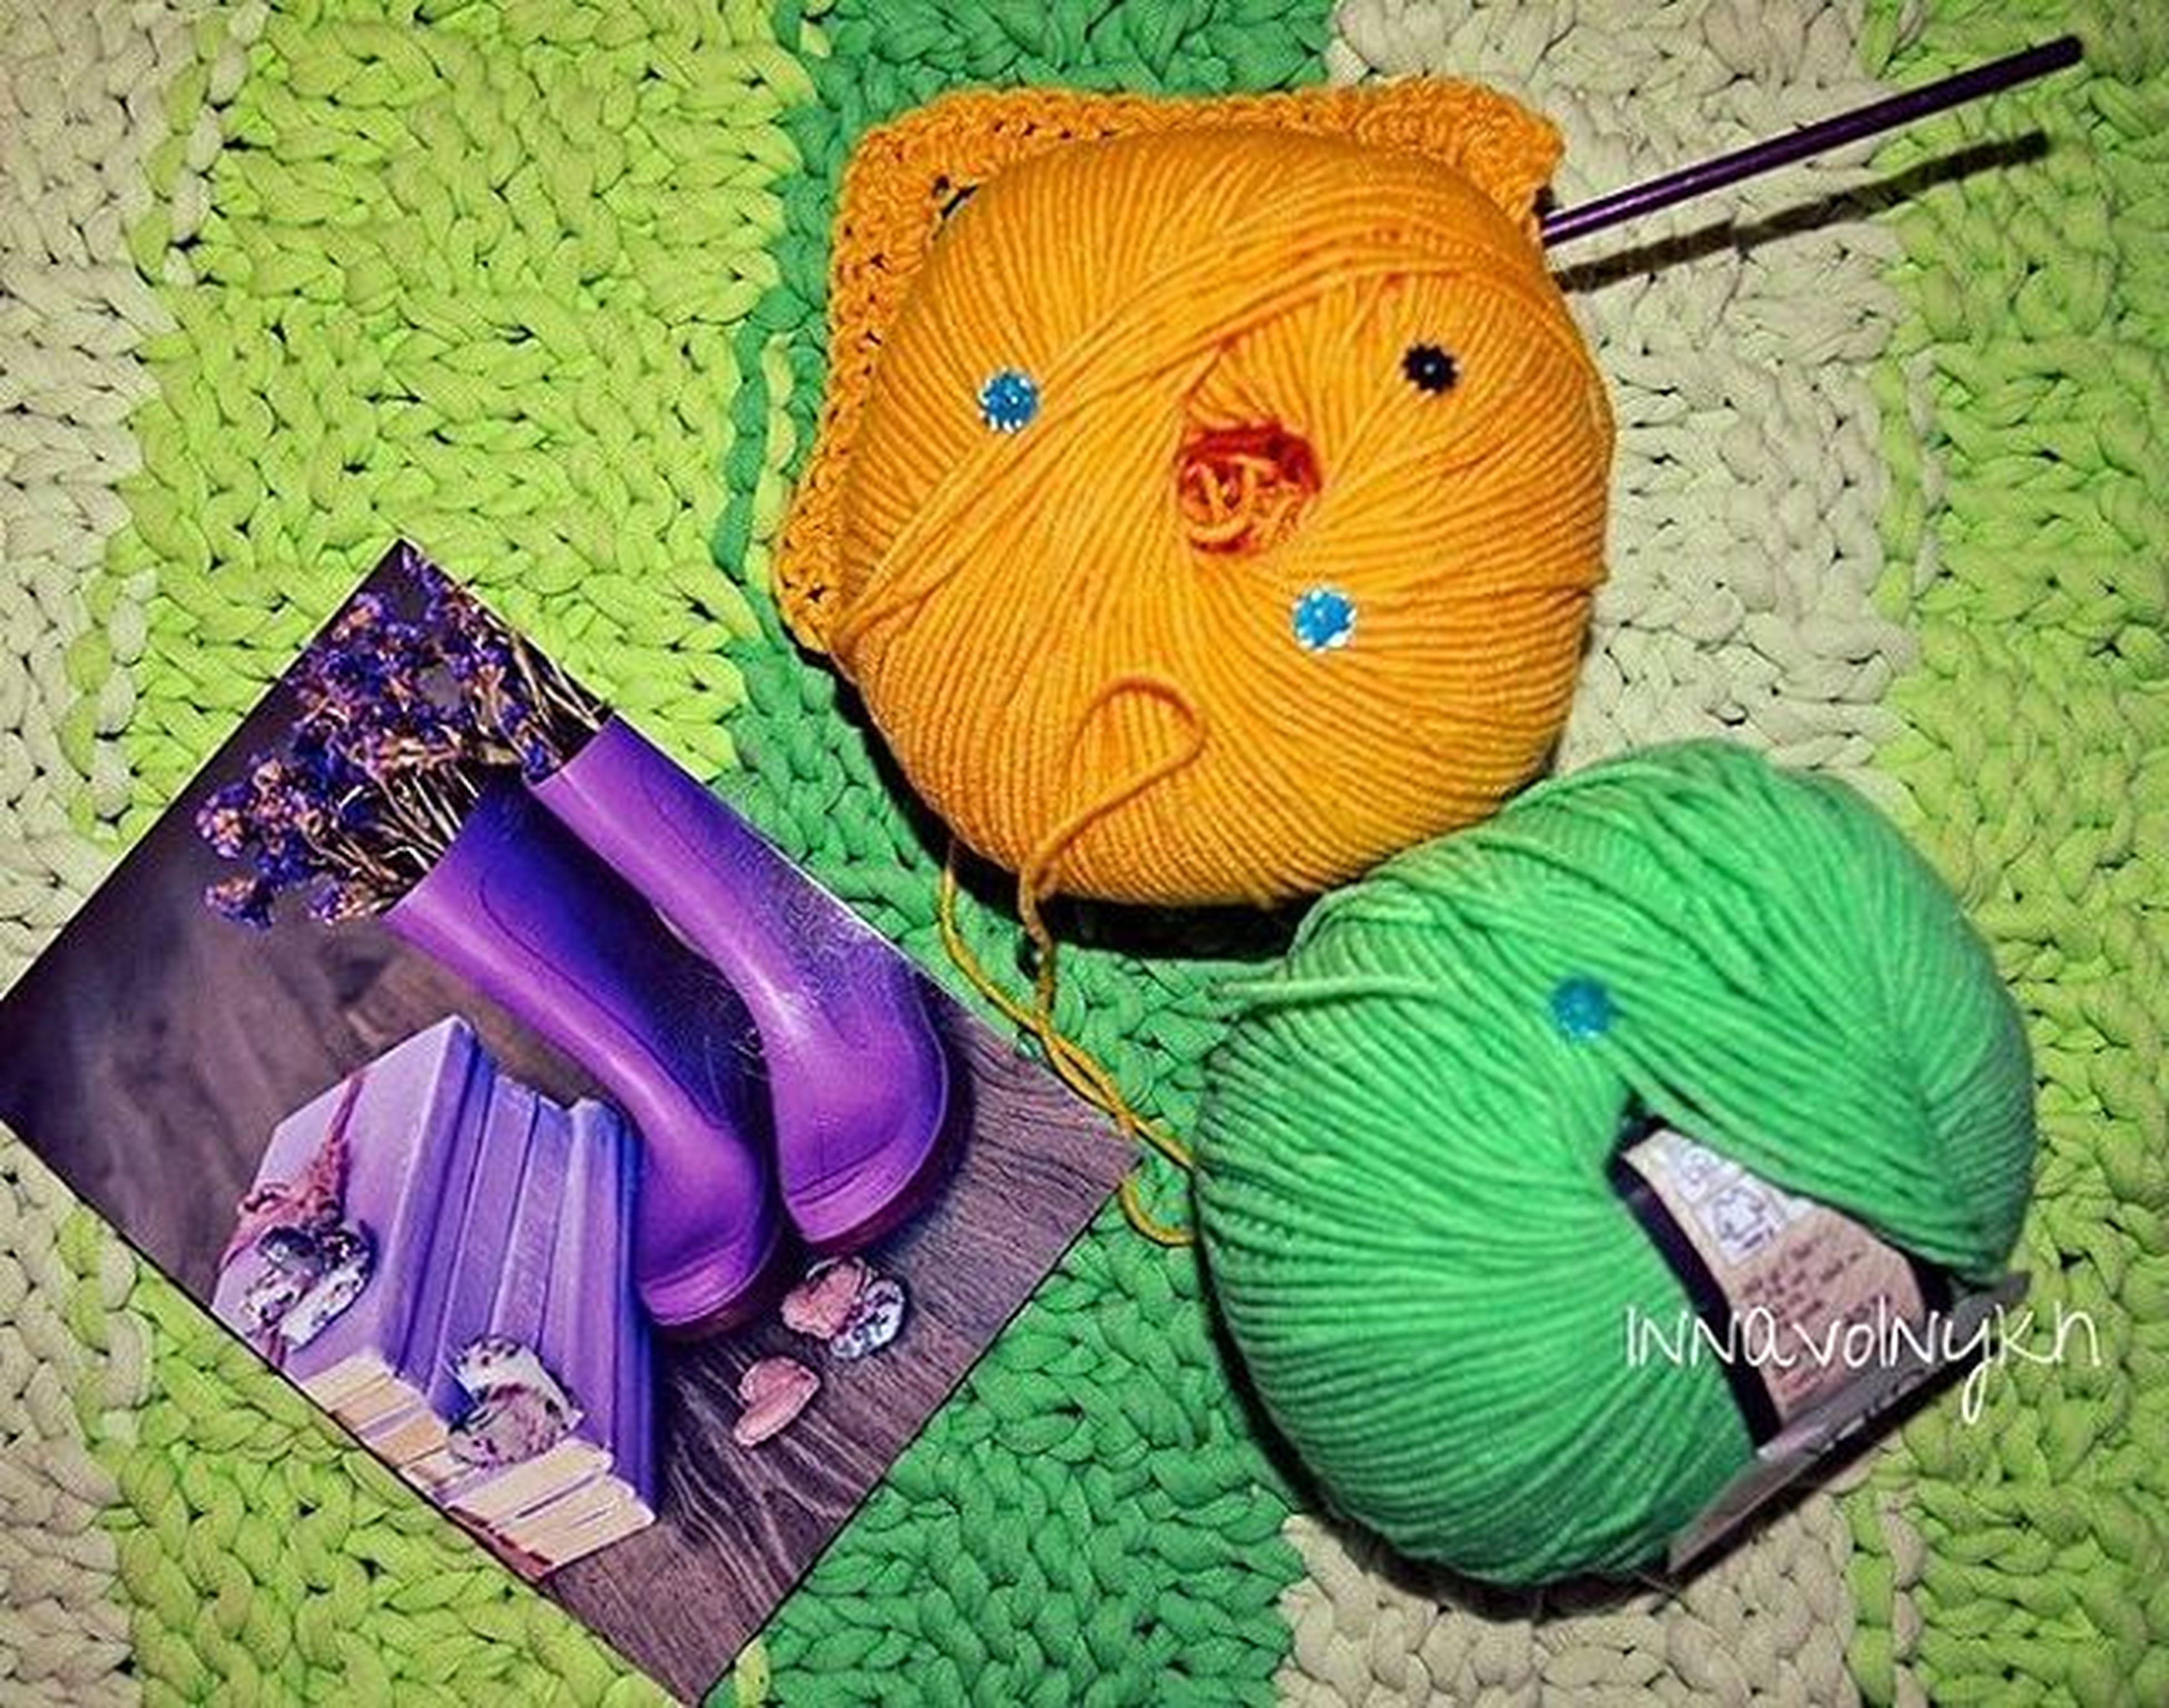 Чудо-открытка от Марины @im_noctua и 2 моточка Yarnartjeans для весеннего настроения 🌼🌻🌸открытка открыточное_безумие вяжукрючком Crochetlove Crochet